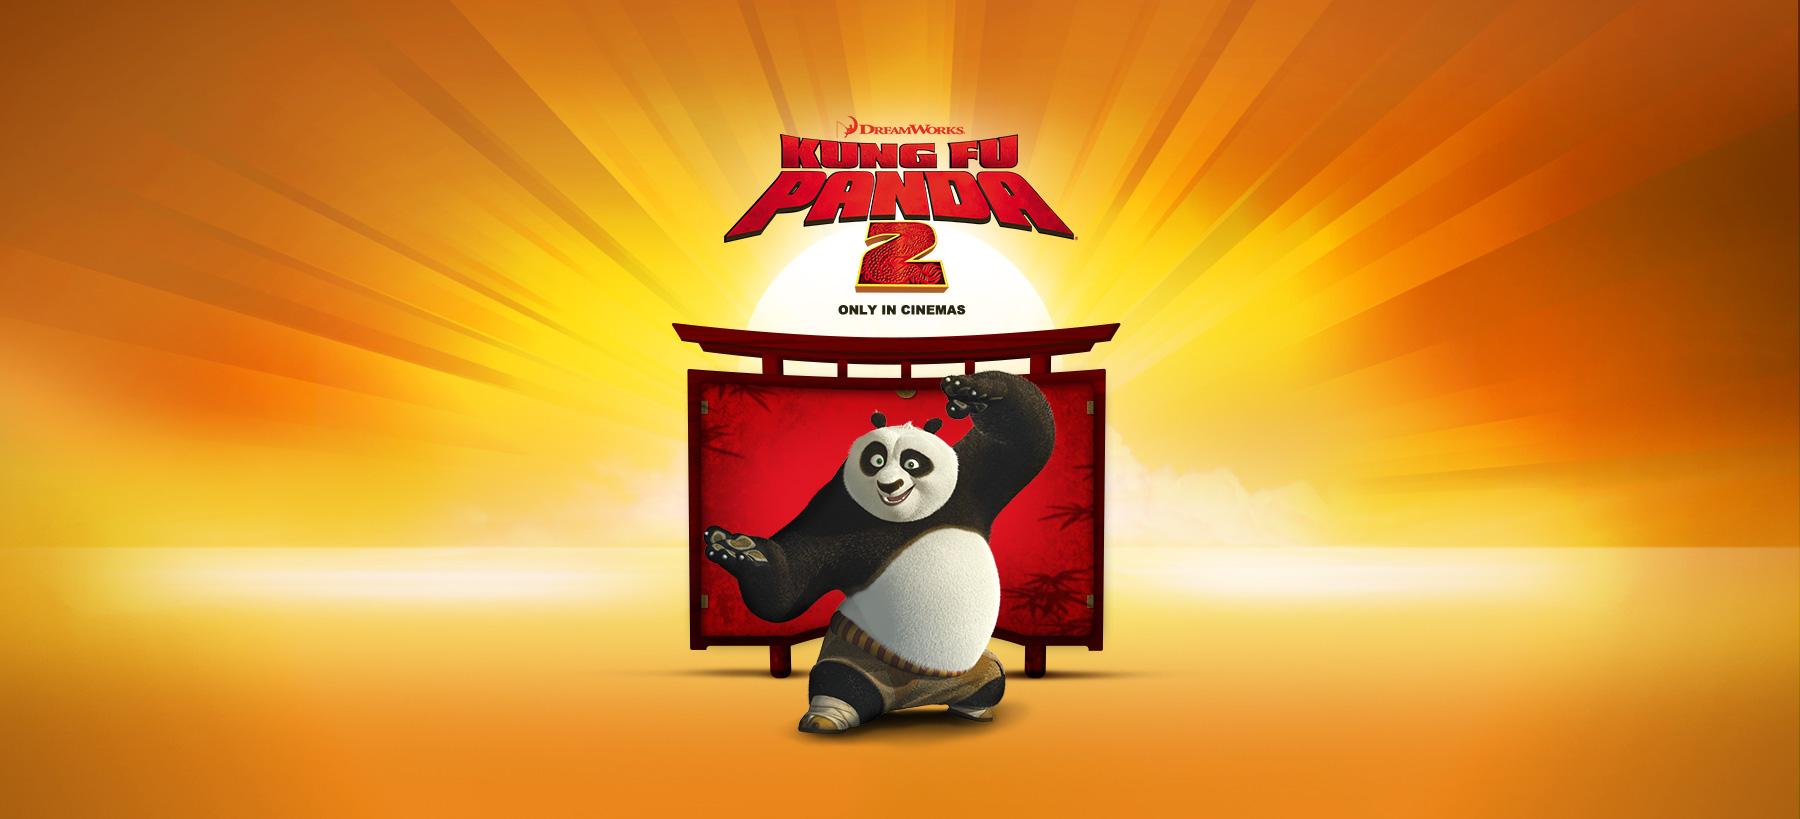 Directeur artistique freelance Portfolio Paris - Kung Fu Panda